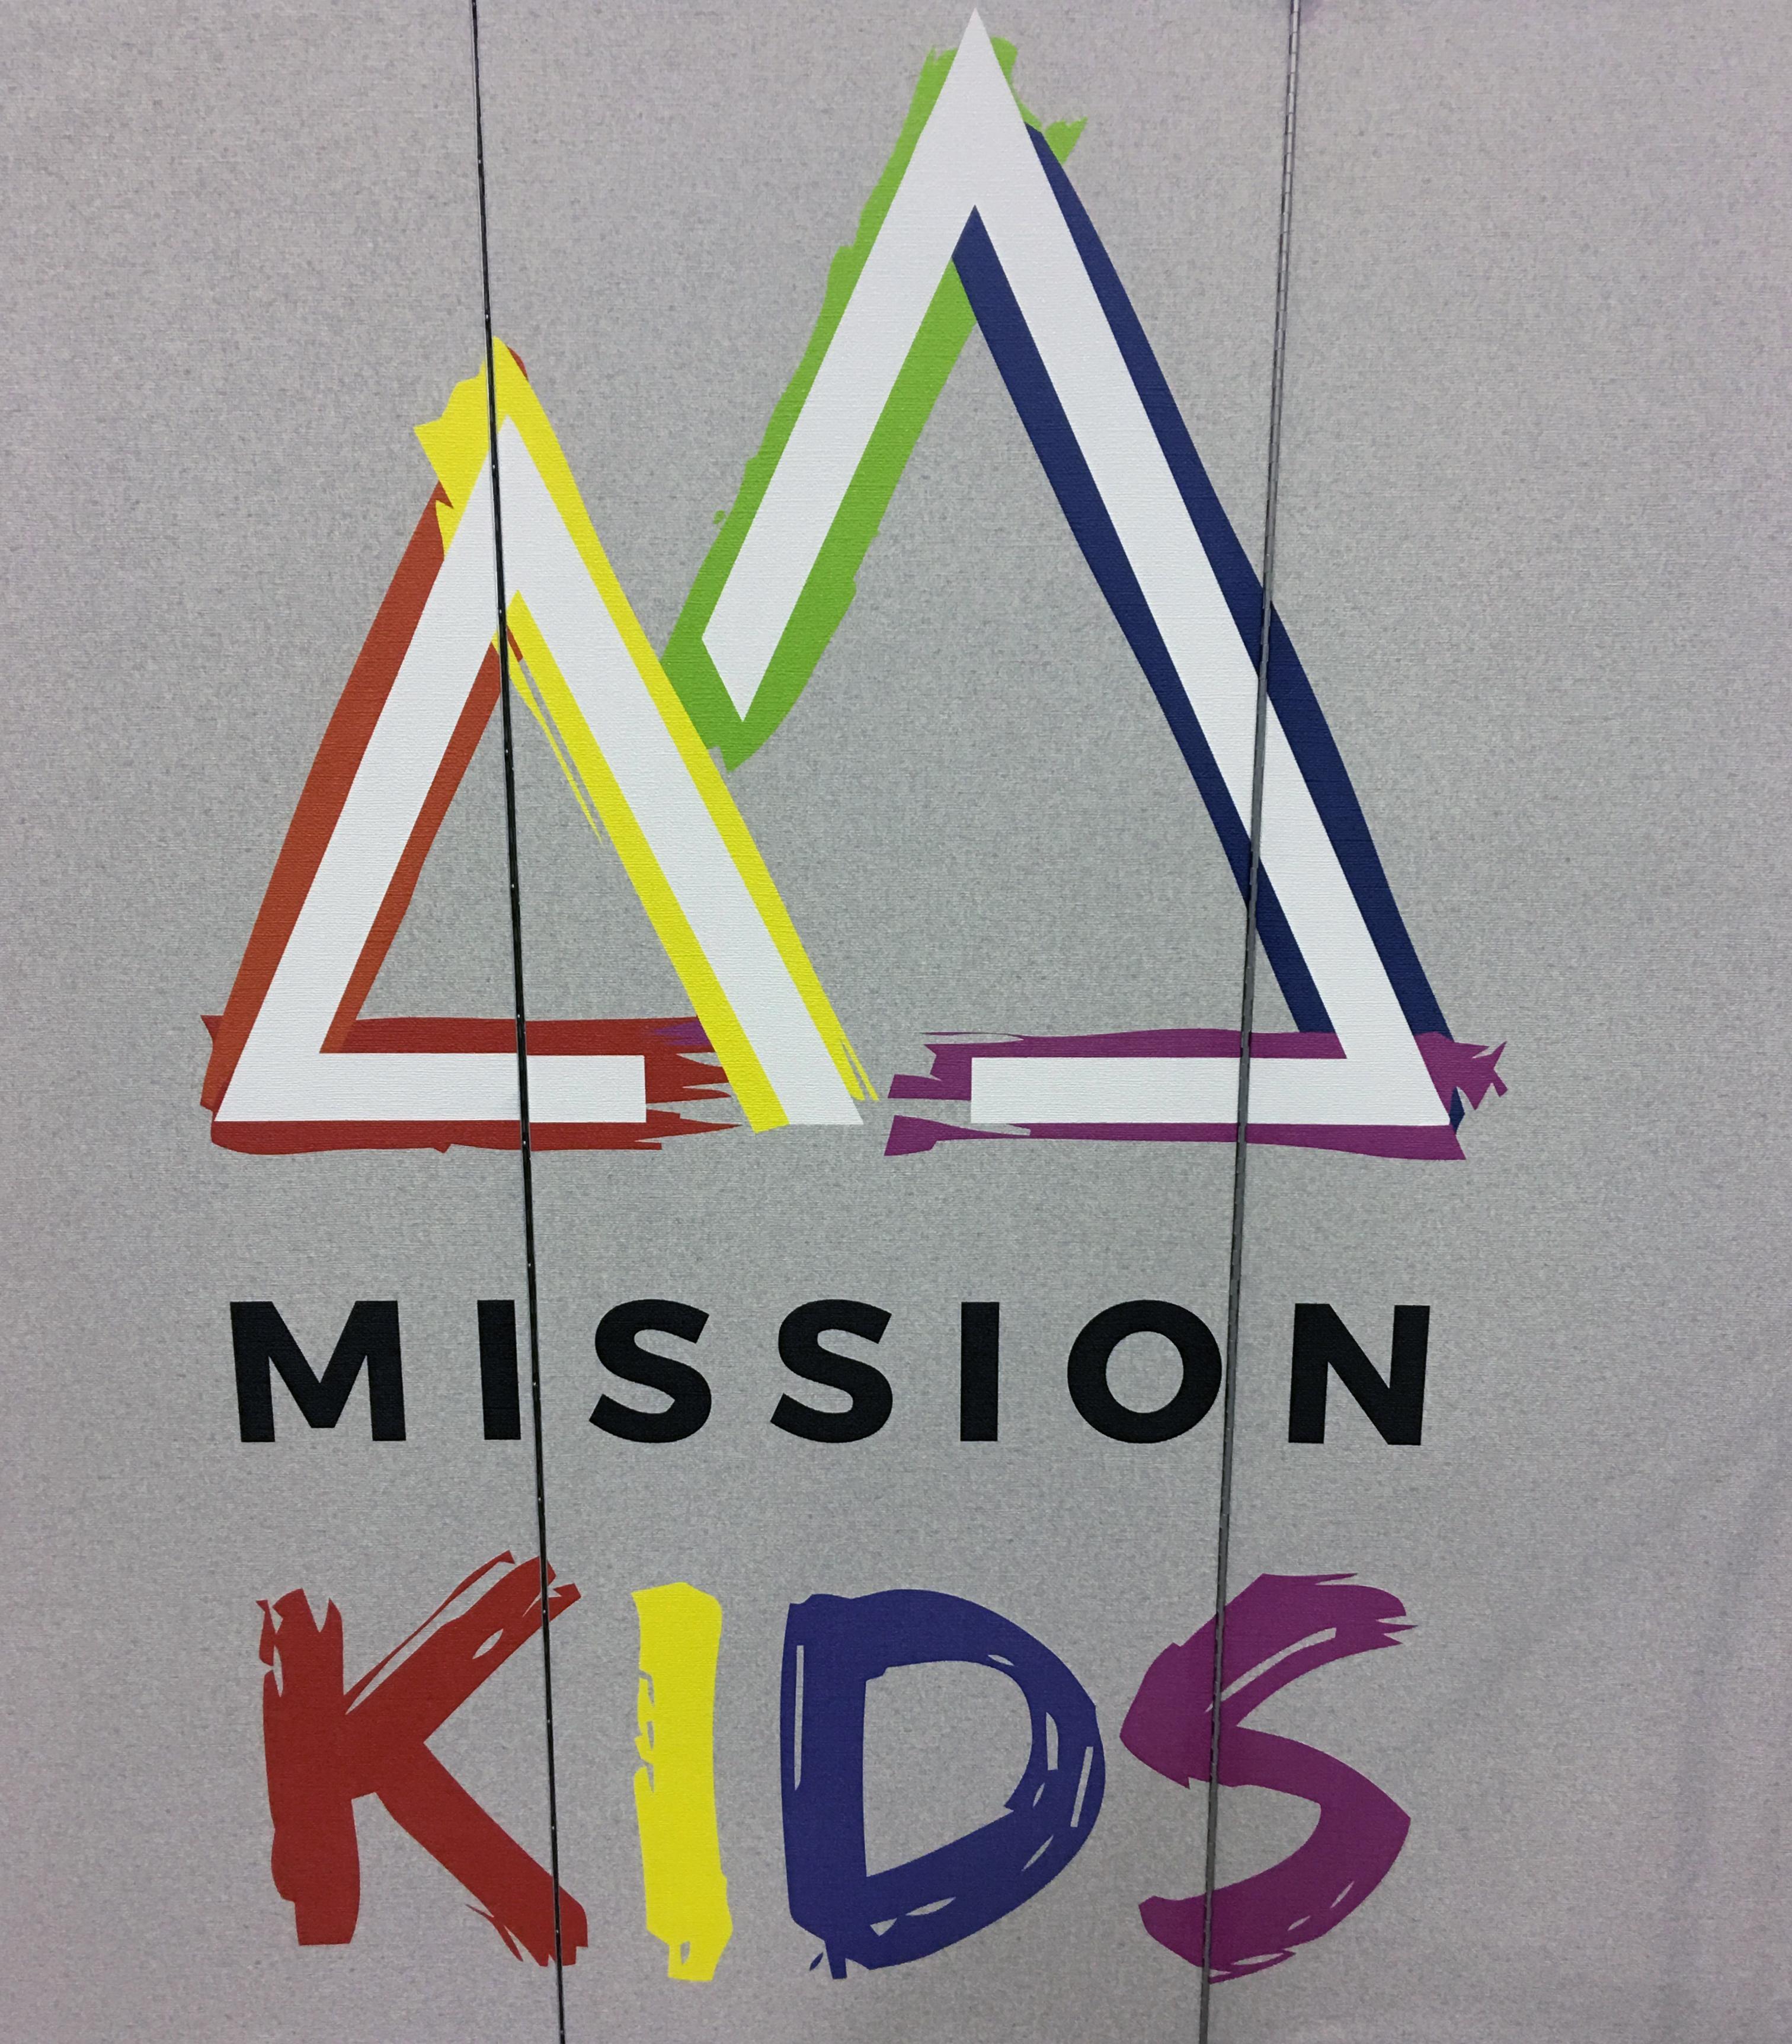 Colorful Mission Kids logo on a grey room divider